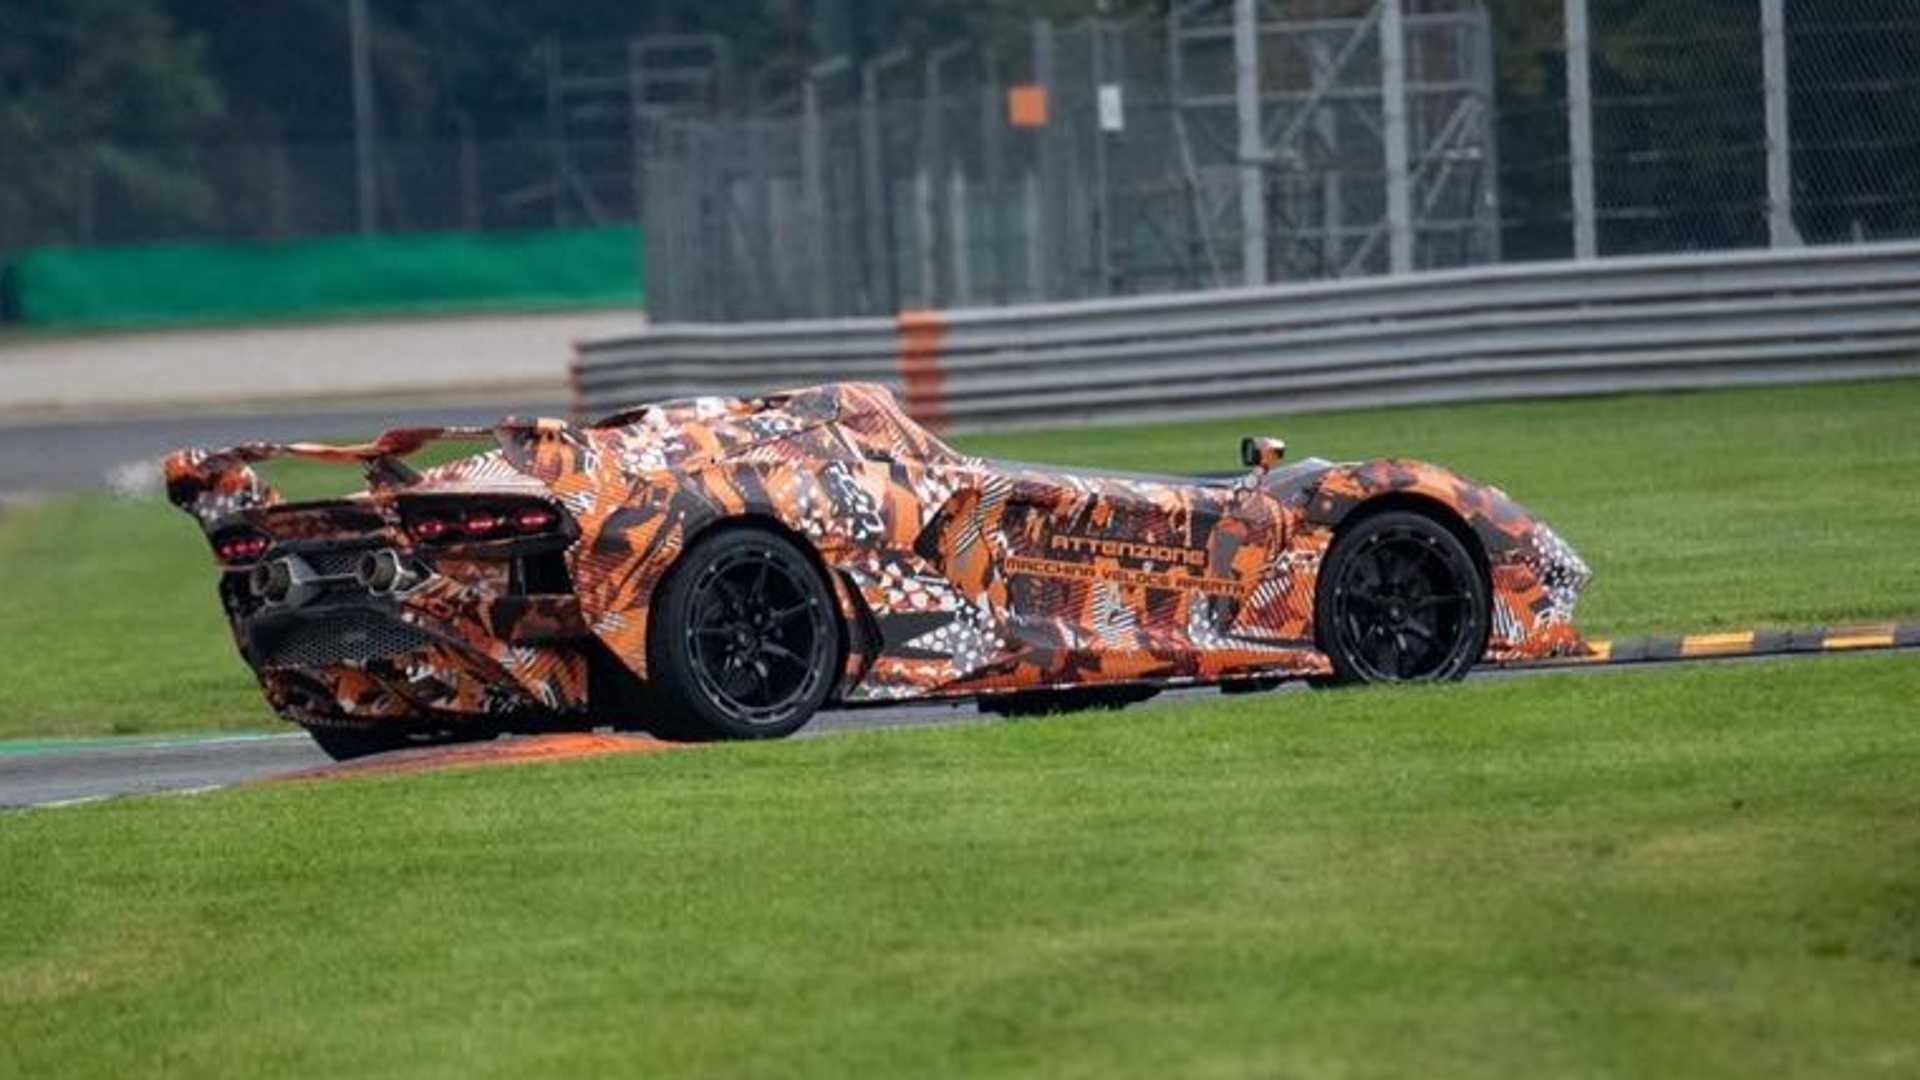 Lamborghini Essenza SCV12 Aperta teaser